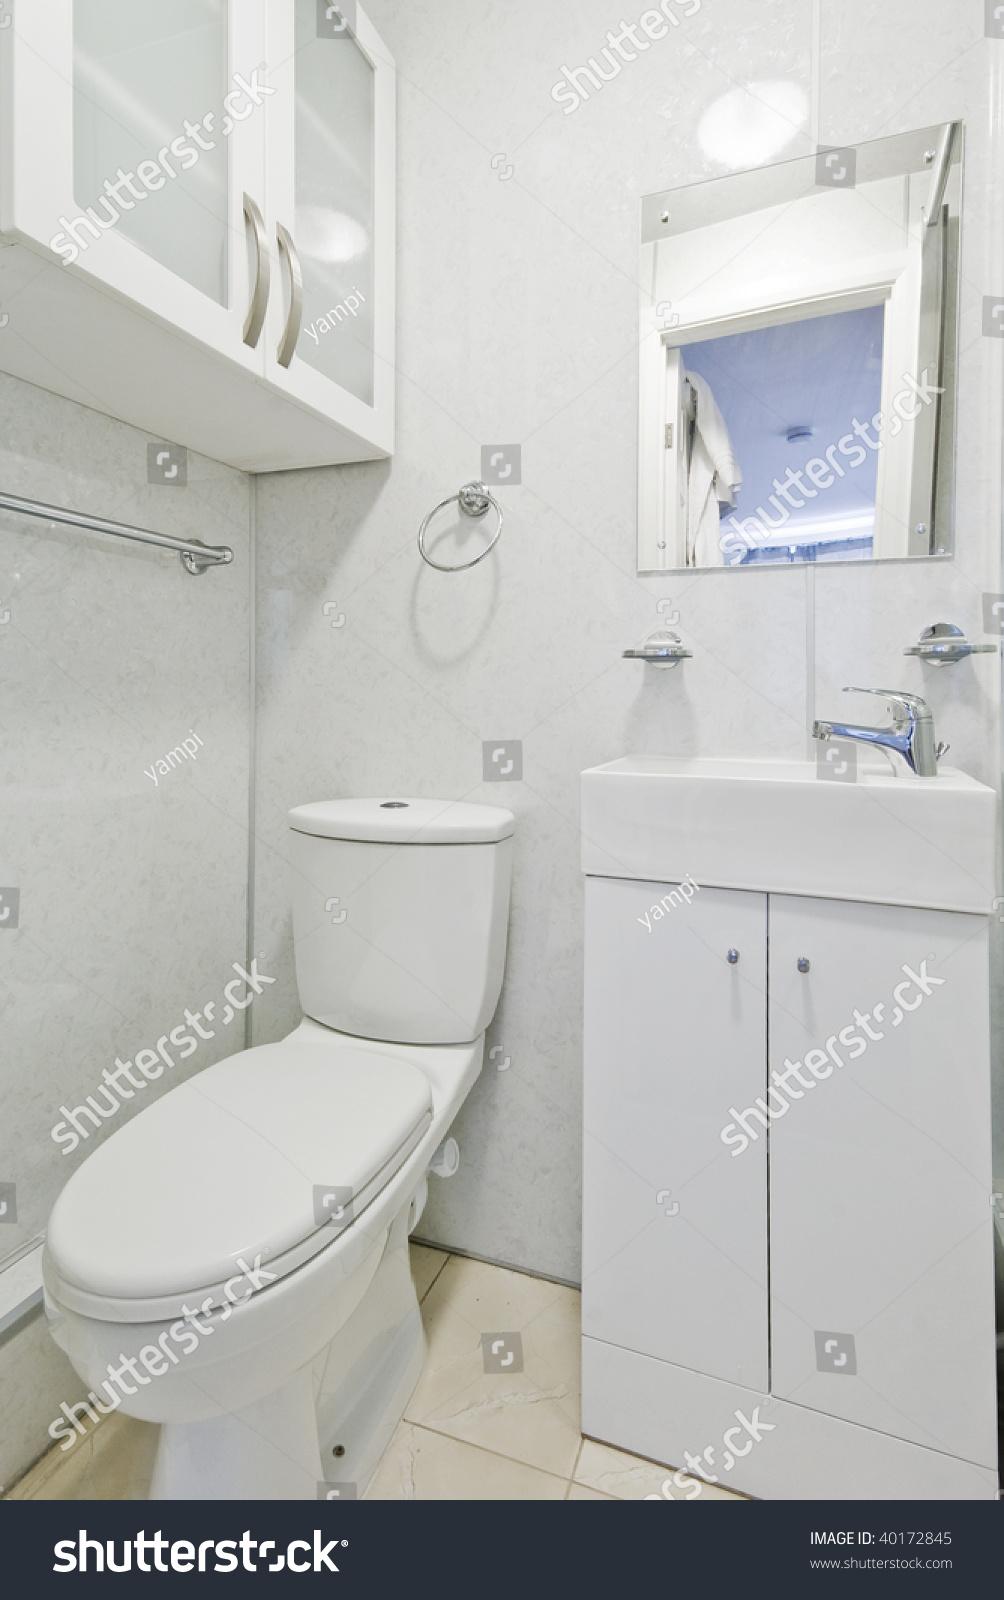 Modern white toilet bowl in the bathroom | EZ Canvas